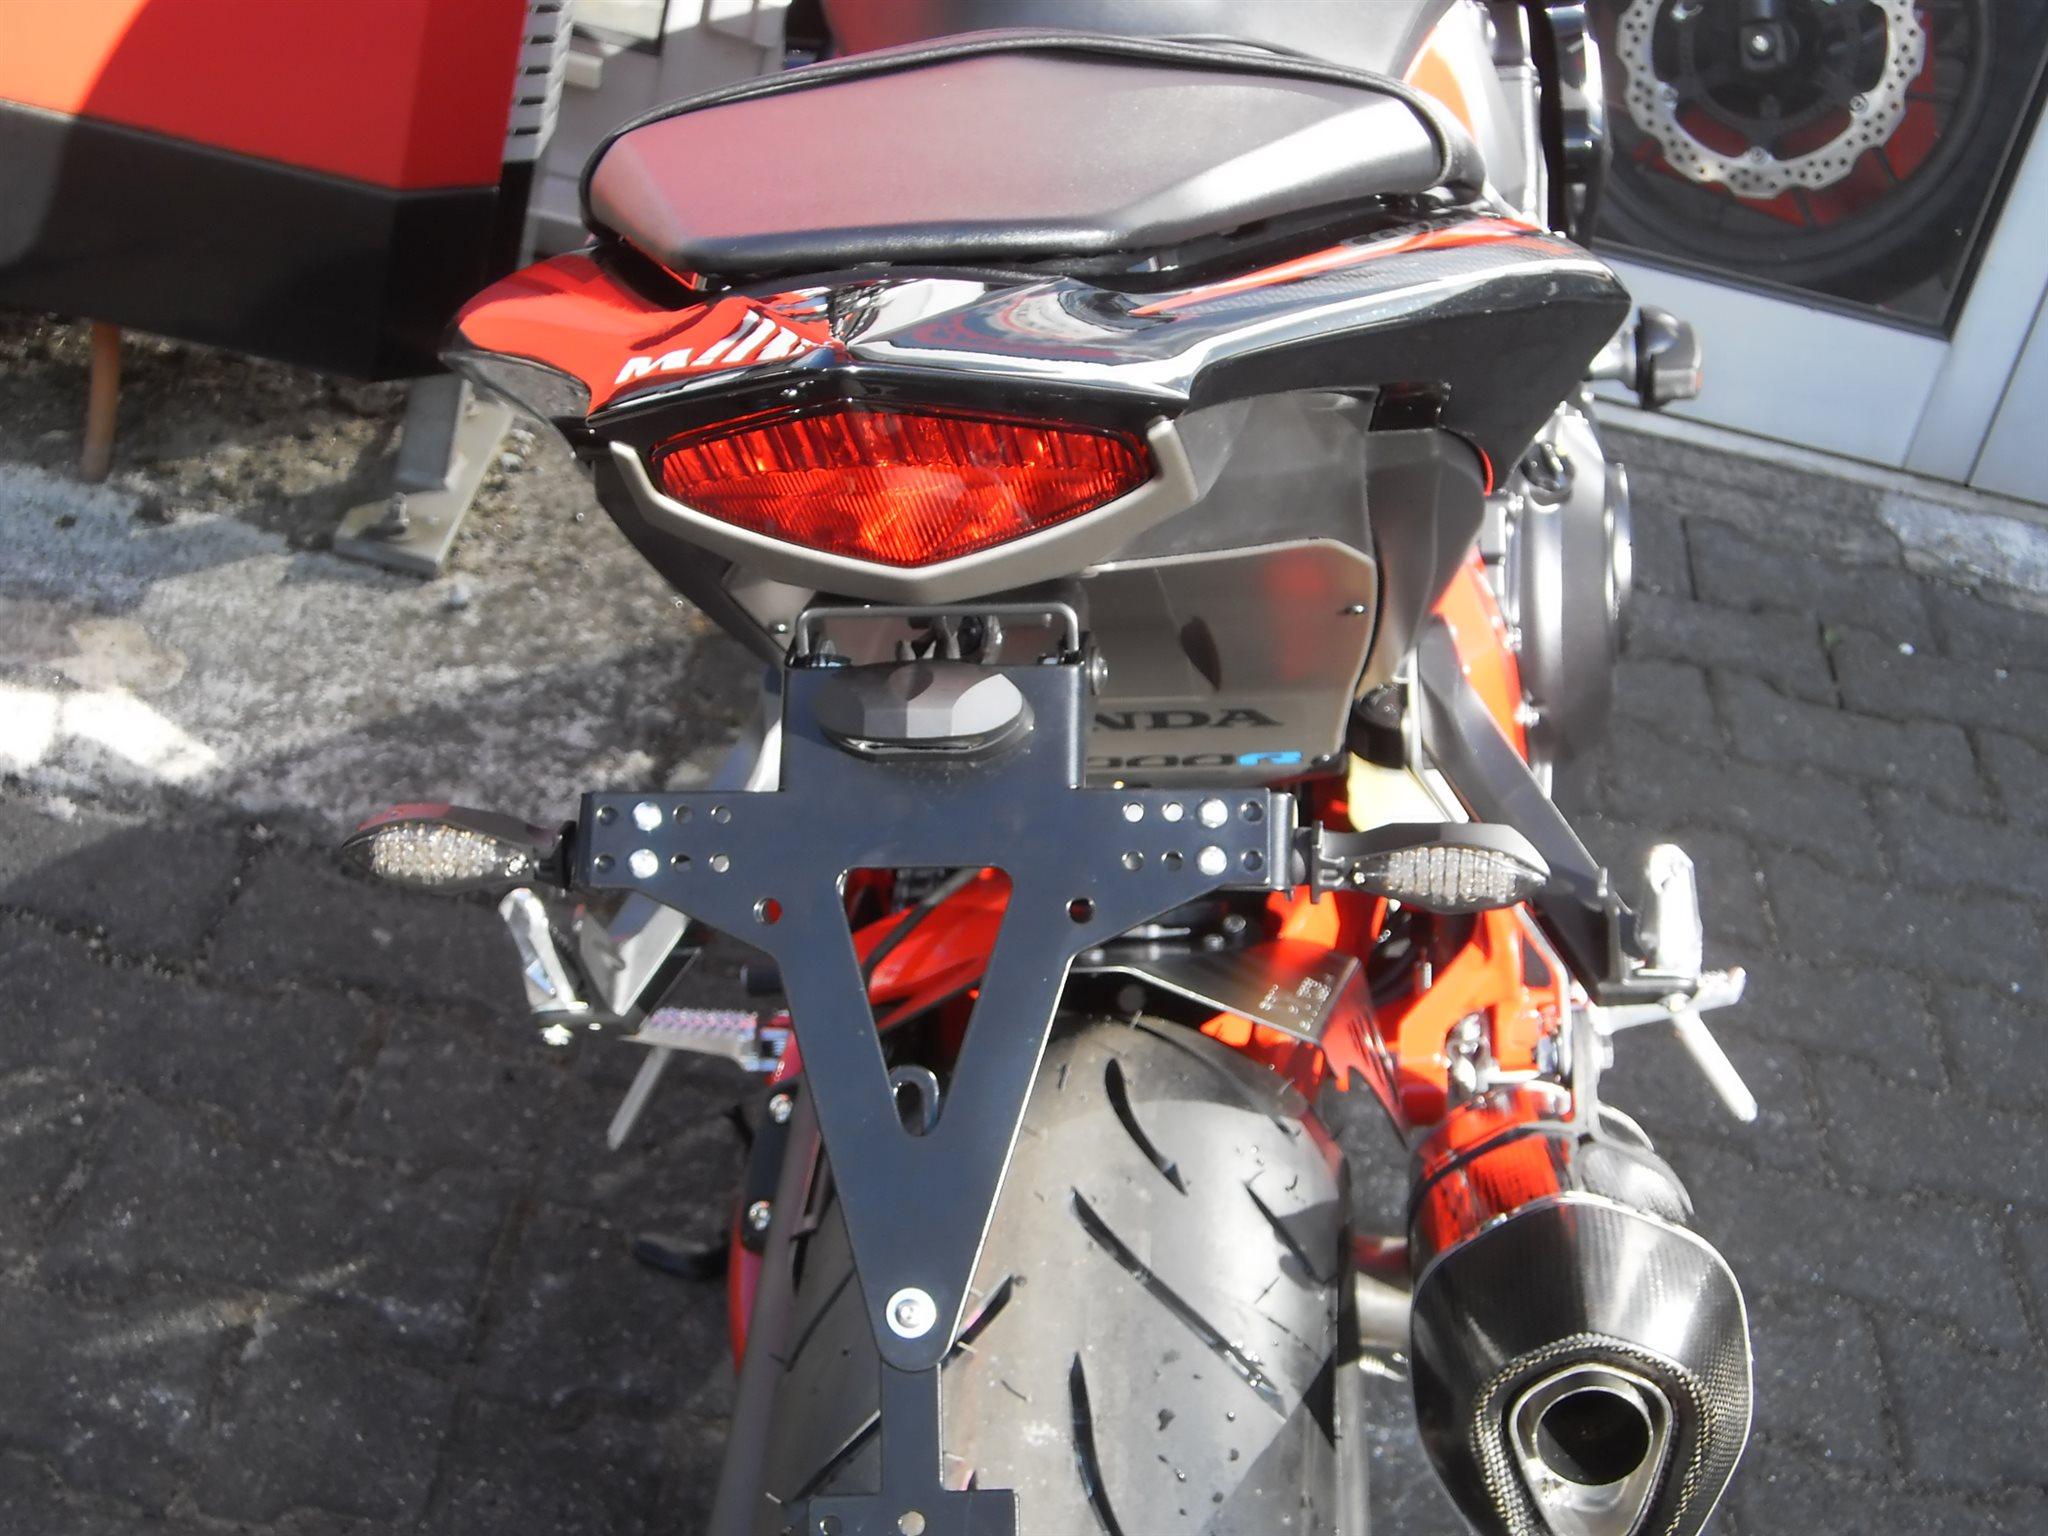 details zum custom bike honda cb 1000 r des h ndlers auto hermes kg. Black Bedroom Furniture Sets. Home Design Ideas